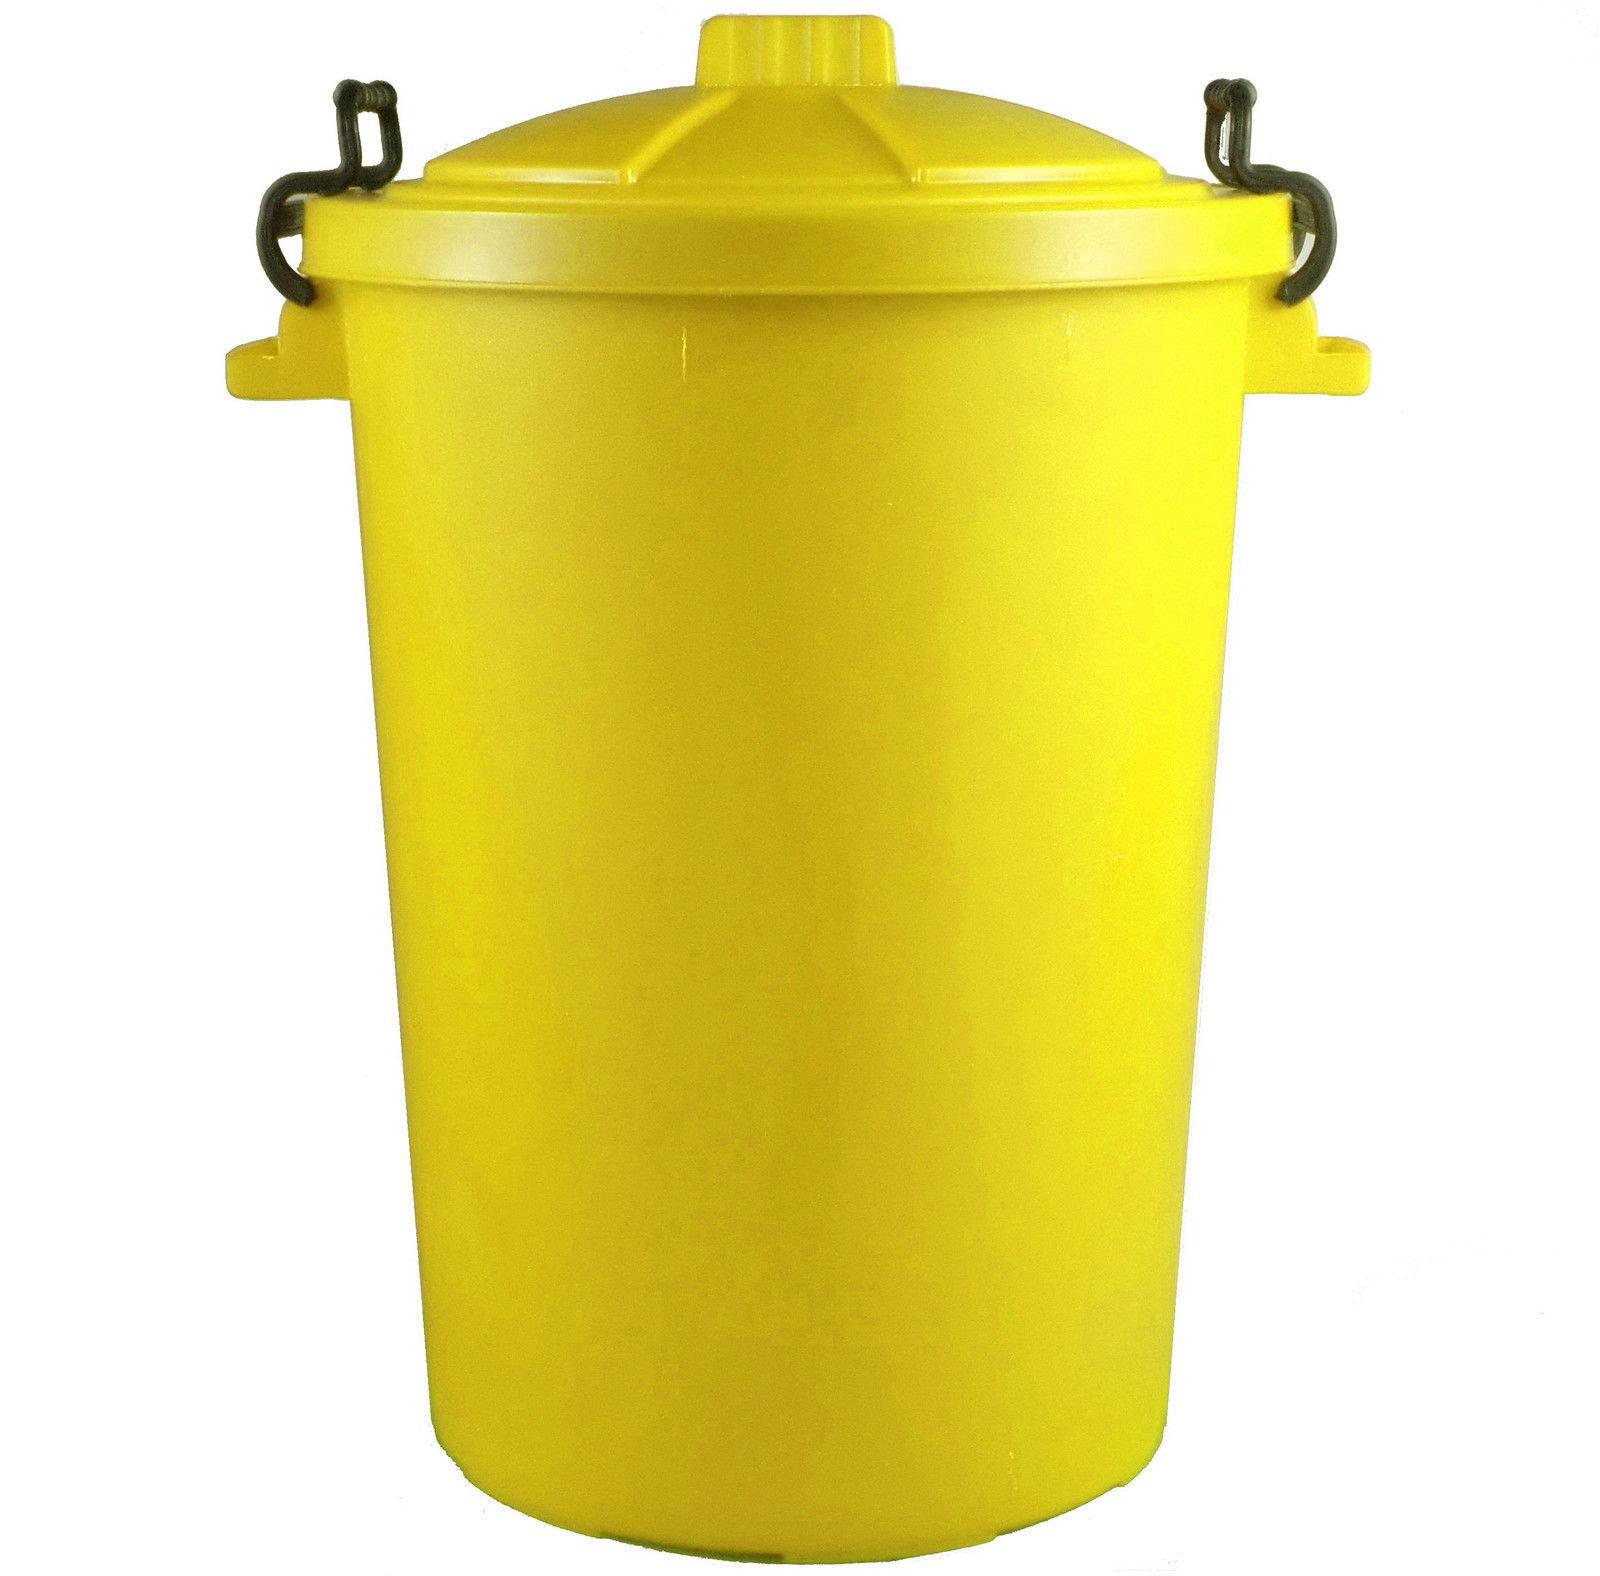 Hailo Müll & Abfalleimer günstig kaufen | eBay